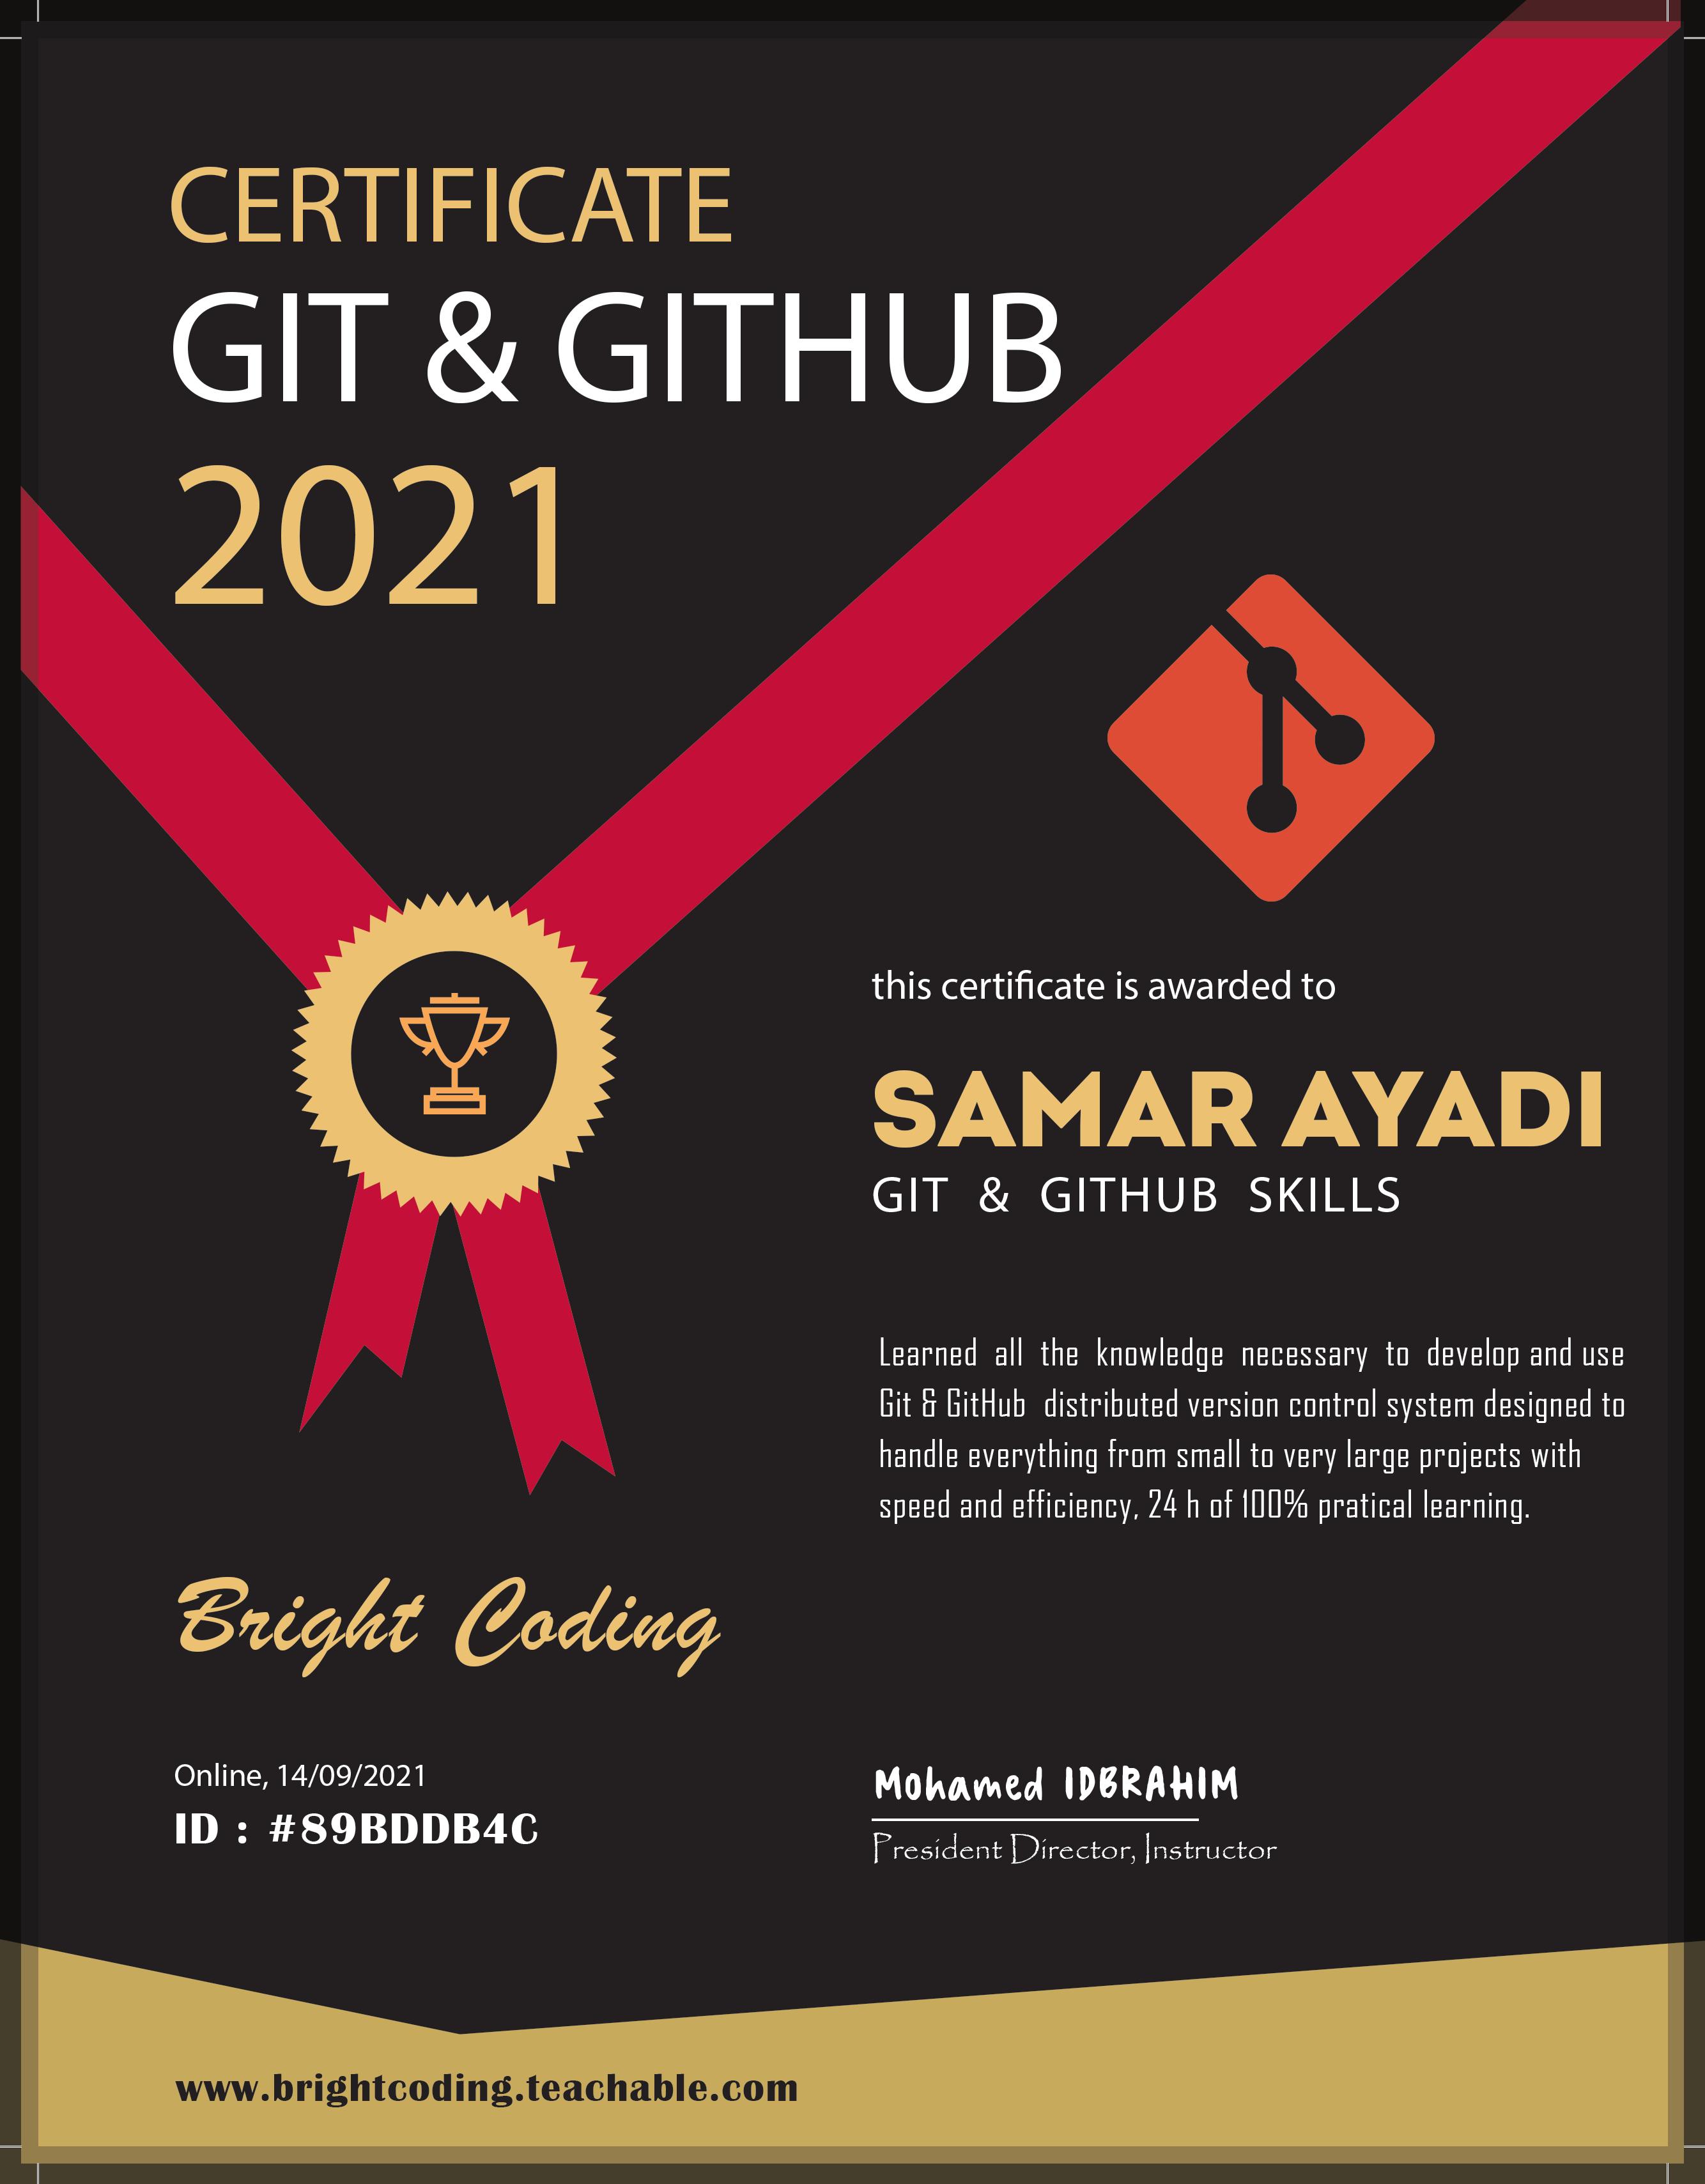 GIT & GITHUB